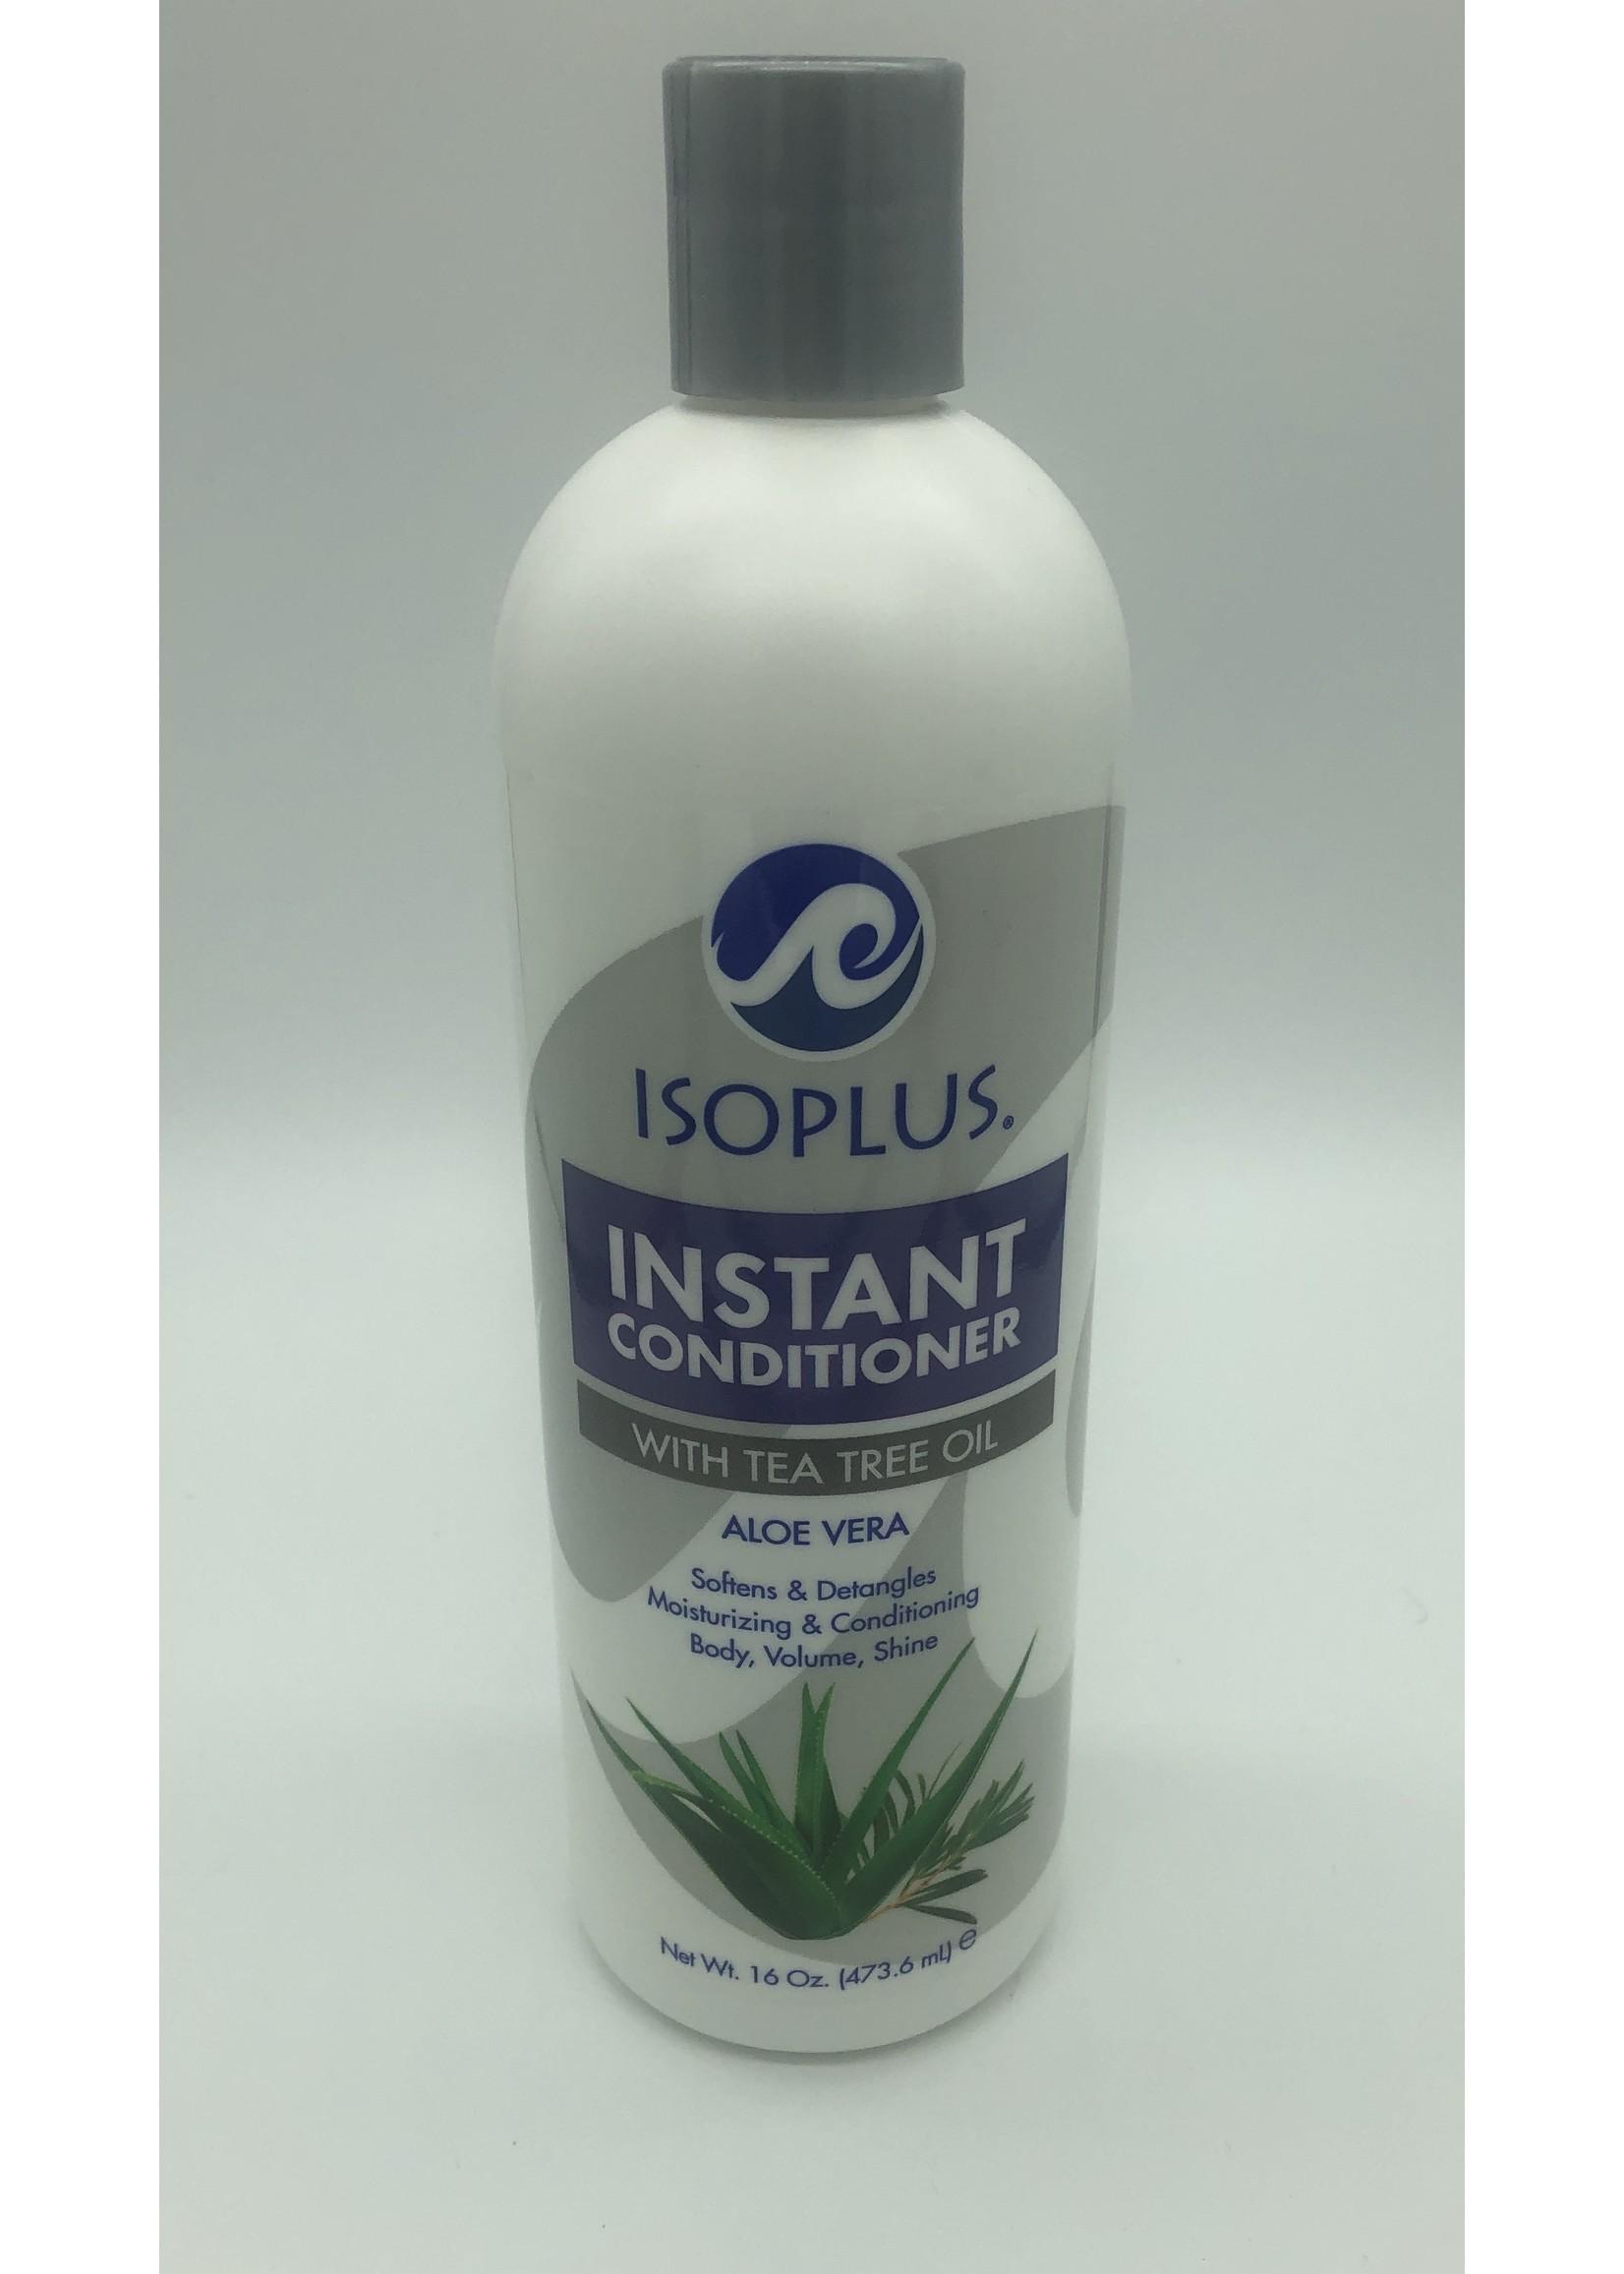 Isoplus Instant Conditioner 16.oz